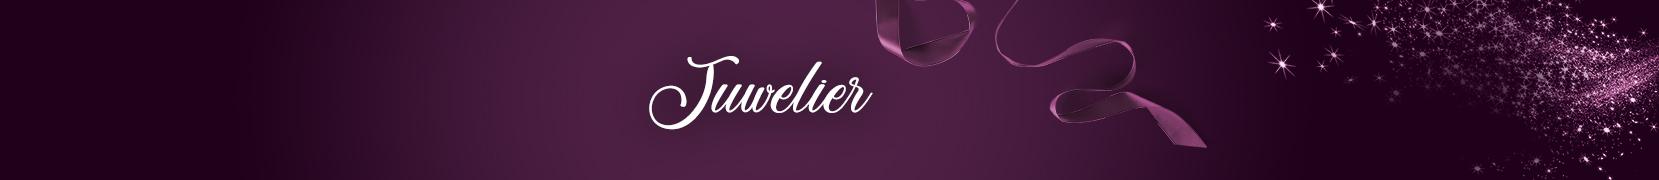 1659x380_Juwelier